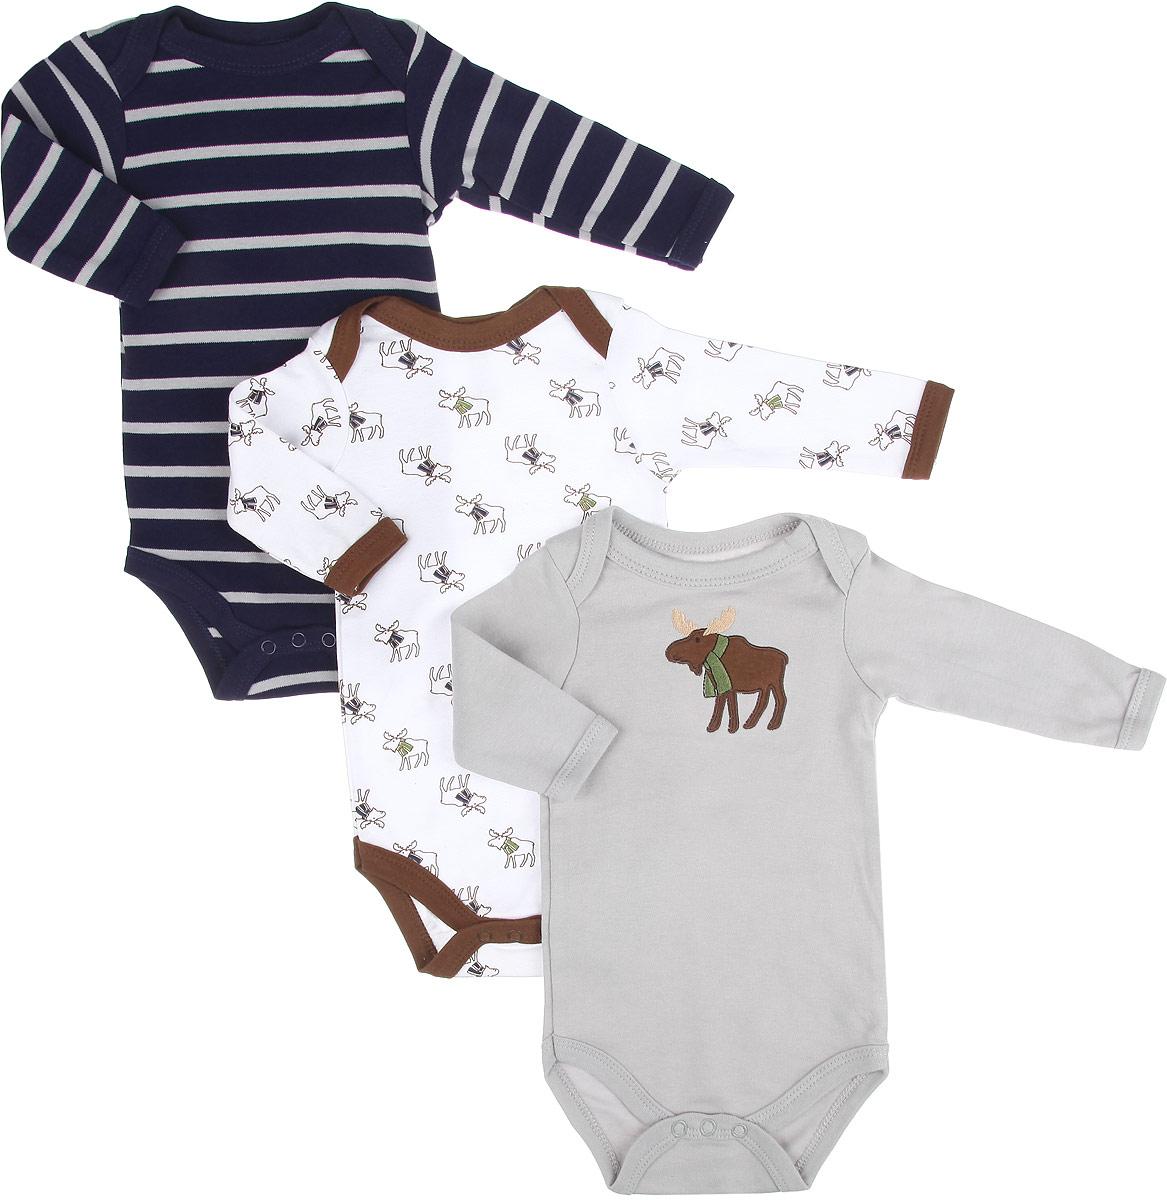 Боди для мальчика Лось, 3 шт. 5512855128Боди для мальчика Hudson Baby Лось станет идеальным дополнением к гардеробу вашего малыша. Изделие изготовлено из натурального хлопка, очень мягкое и приятное на ощупь, не раздражает нежную кожу ребенка и хорошо вентилируется. Боди с длинными рукавами и круглым вырезом горловины имеет удобные запахи на плечах, а также застежки-кнопки на ластовице, которые помогают легко переодеть ребенка и сменить подгузник. Боди полностью соответствует особенностям жизни ребенка в ранний период, не стесняя и не ограничивая его в движениях. В нем кроха будет чувствовать себя комфортно, уютно и всегда будет в центре внимания! Комплект состоит из трех моделей боди разной расцветки.